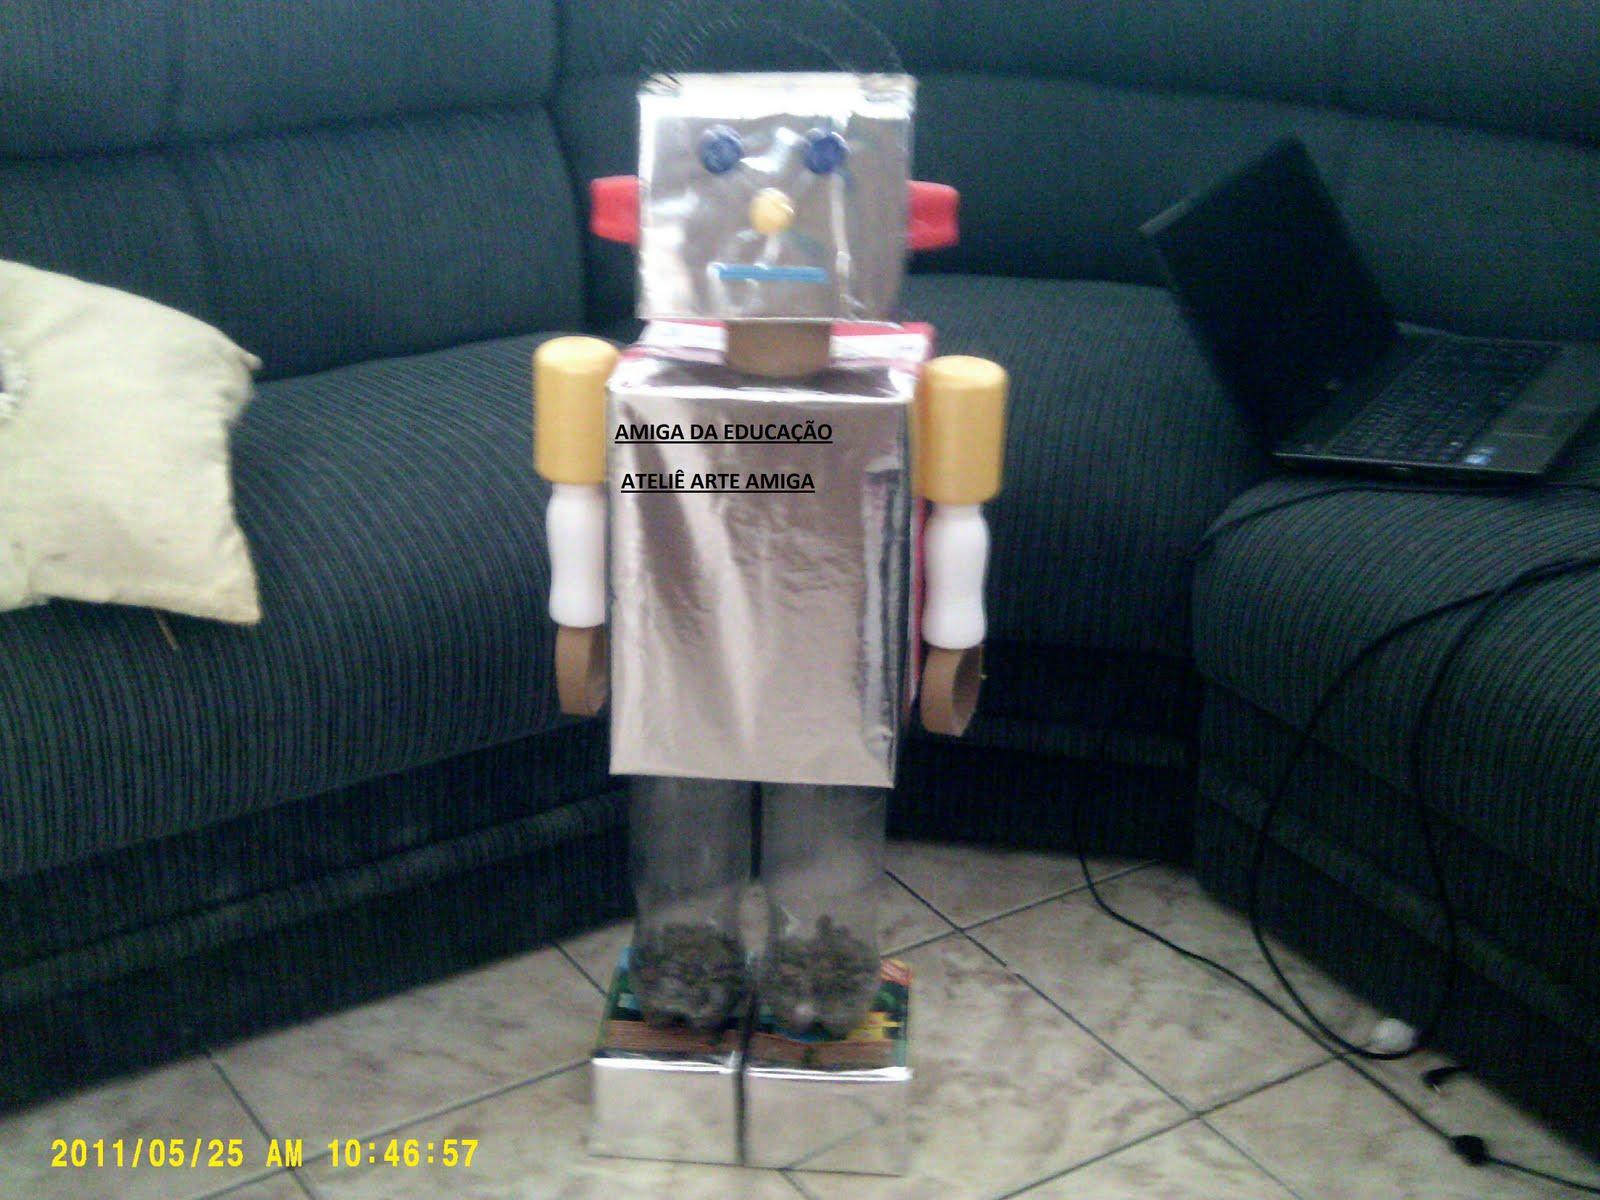 Amiga Da Educação Amiga Da Educação Aprova Reciclagem Robô De